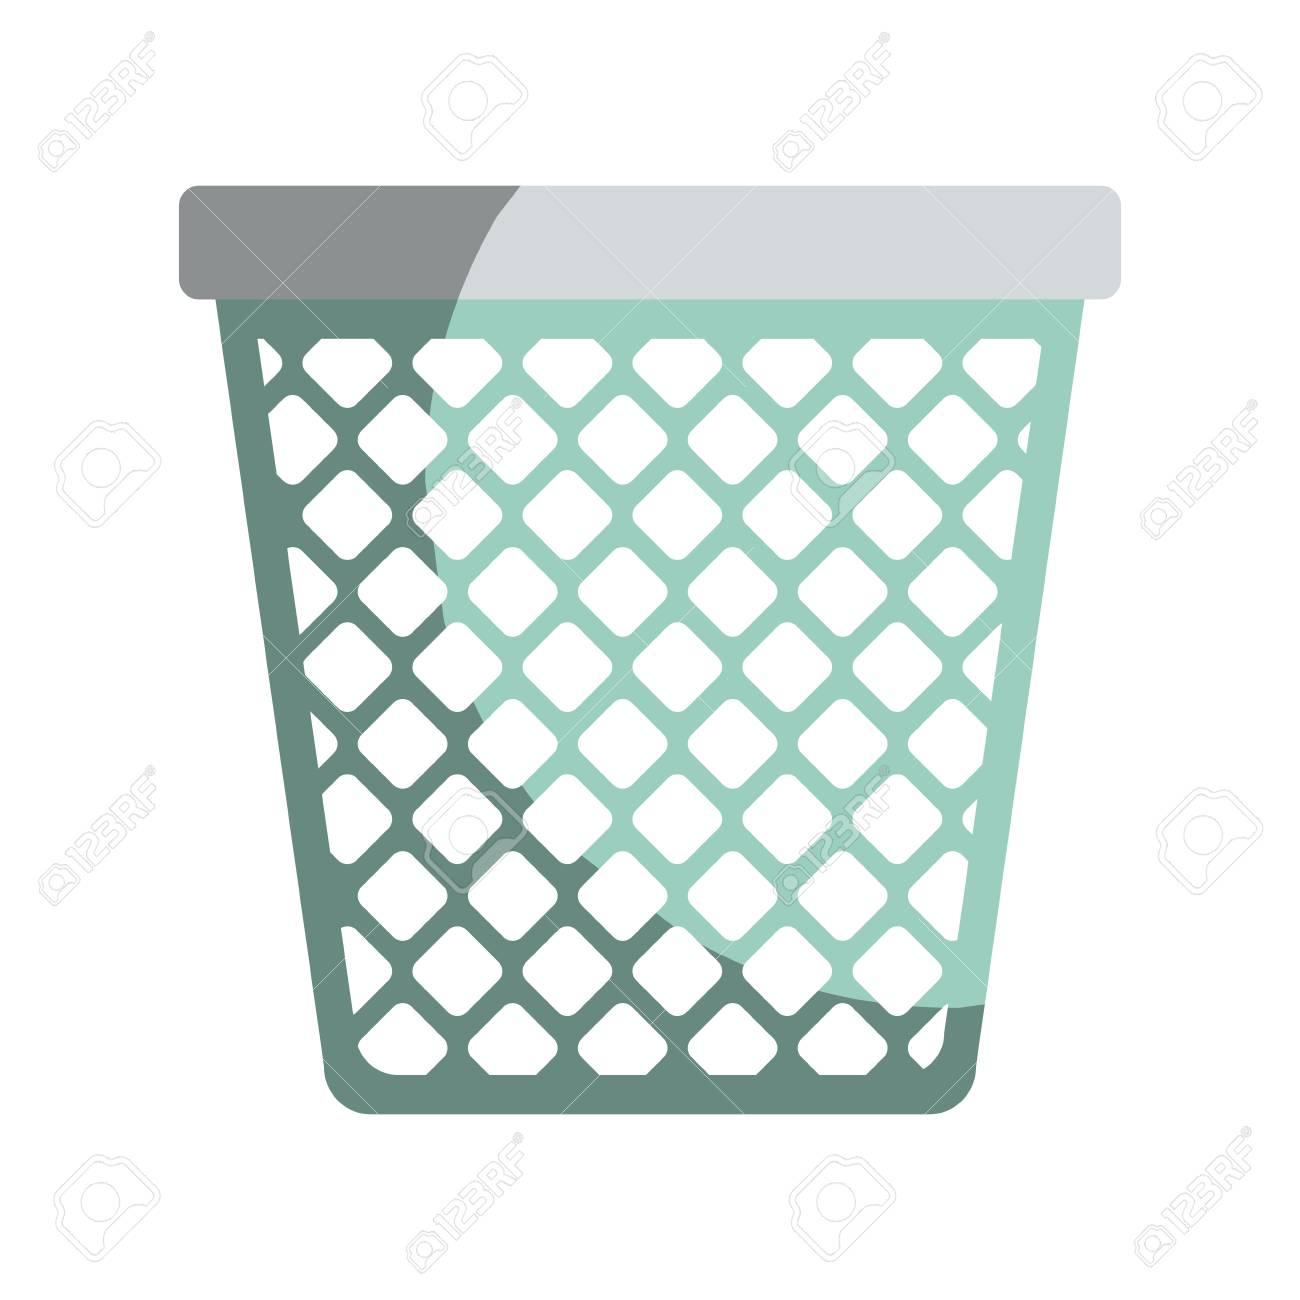 Full Size of Abfallbehälter Küche Kchen Abfalleimer Wkkie Haushalt No Mitglied Kche Mit Kochinsel Läufer Modulare Kaufen Ikea Behindertengerechte Gardine Lieferzeit Küche Abfallbehälter Küche